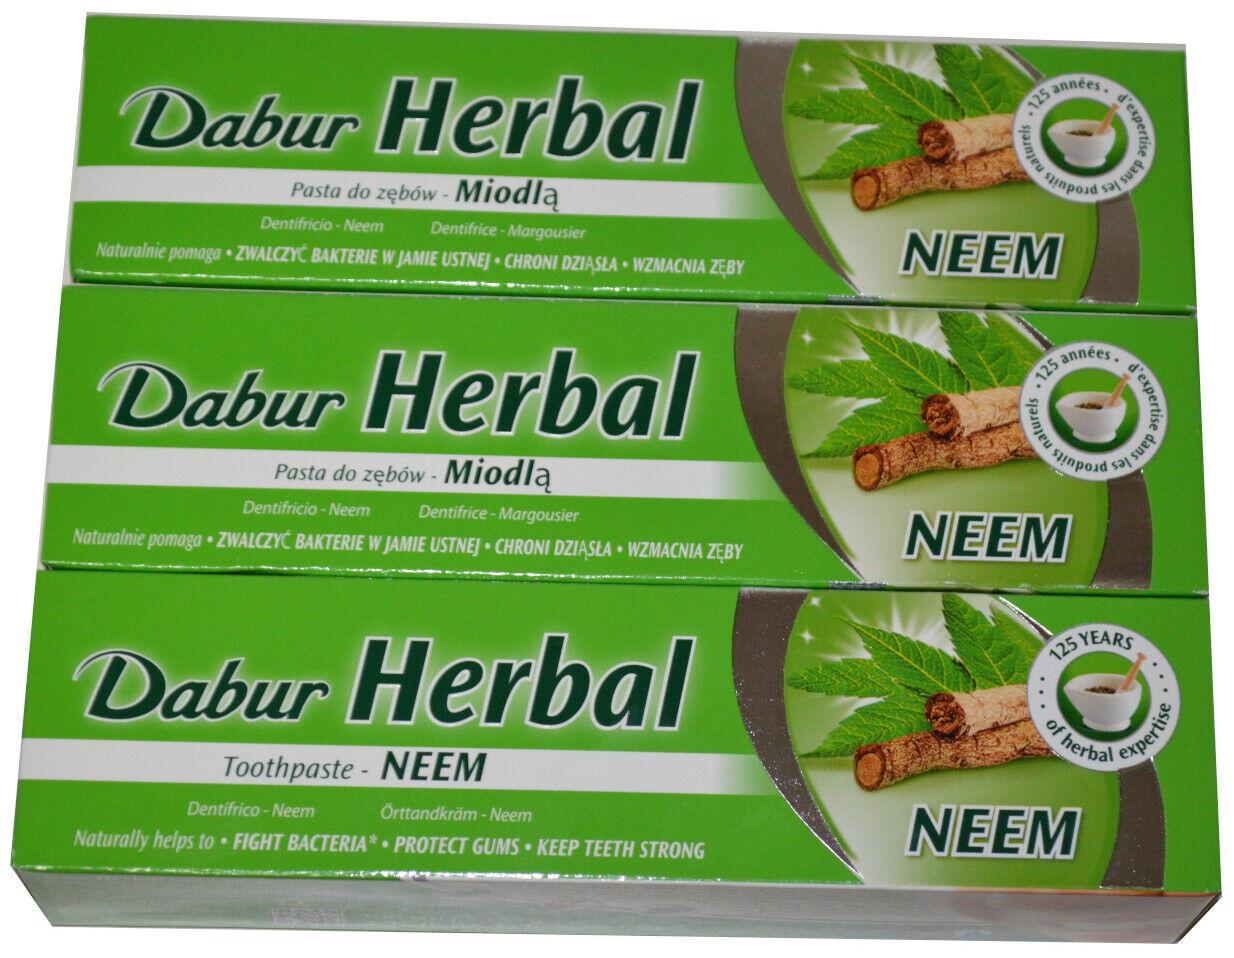 Dabur Herbal Zahnpasta mit Neem Ayurvedische Kräuter-Zahncreme Zahnpflege